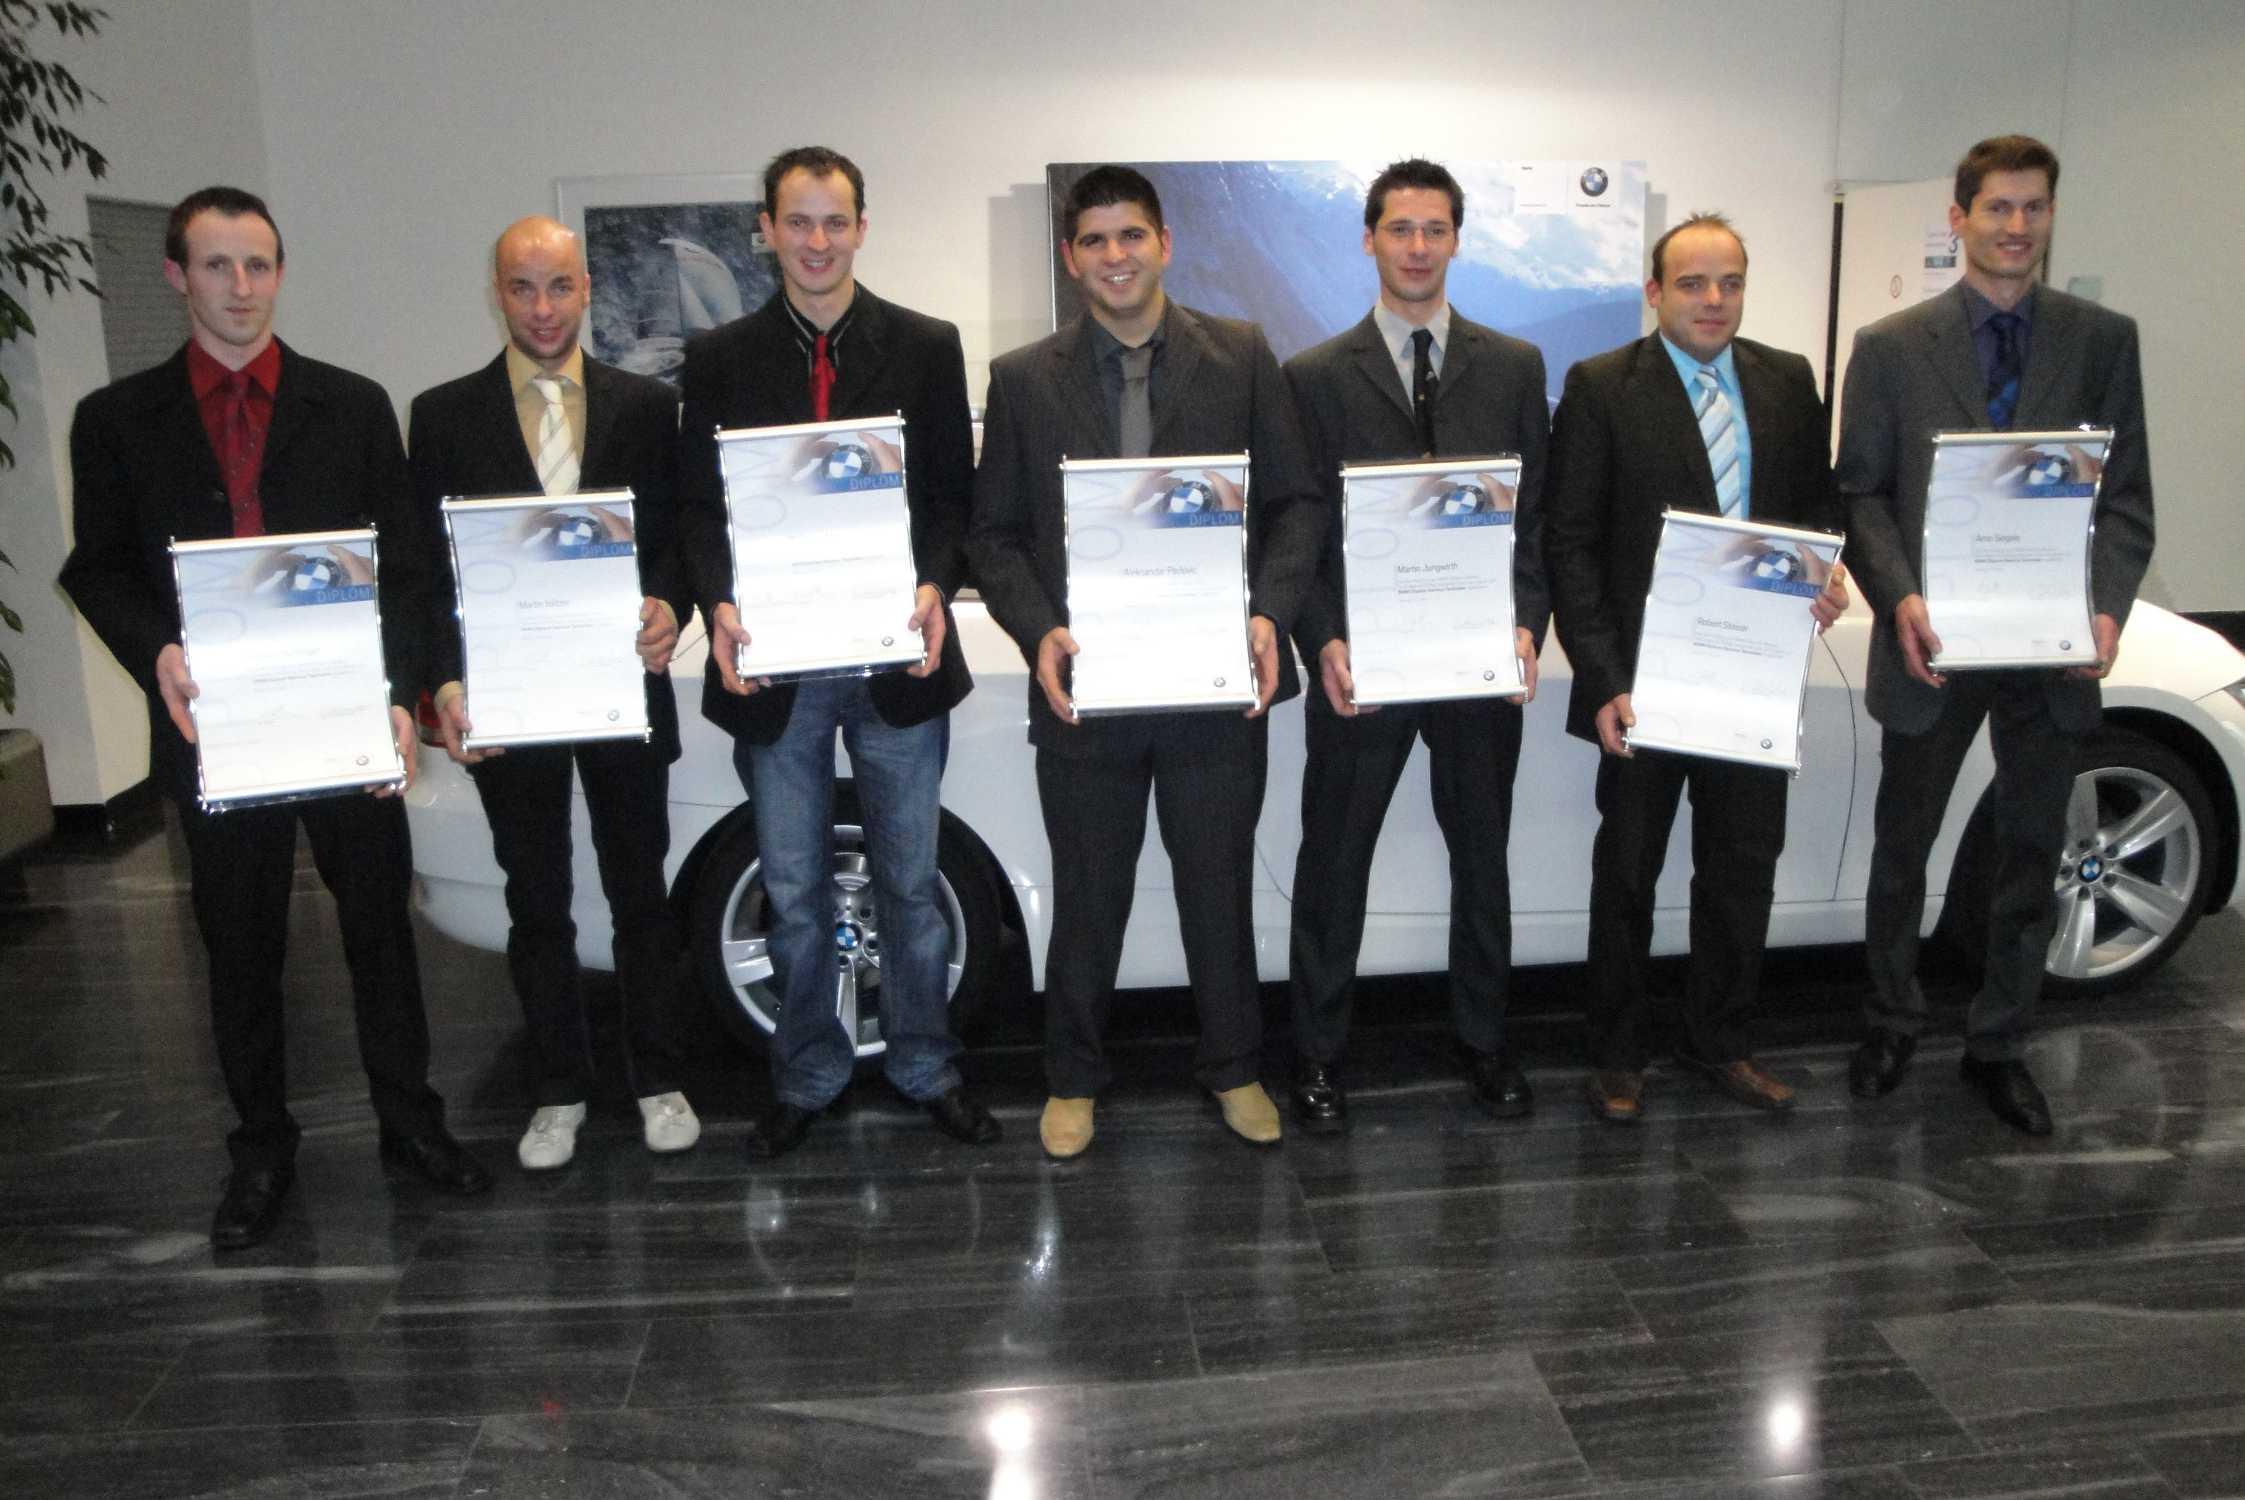 Neue bmw diplom service techniker in 2009 03 2010 bild for Bmw denzel wien